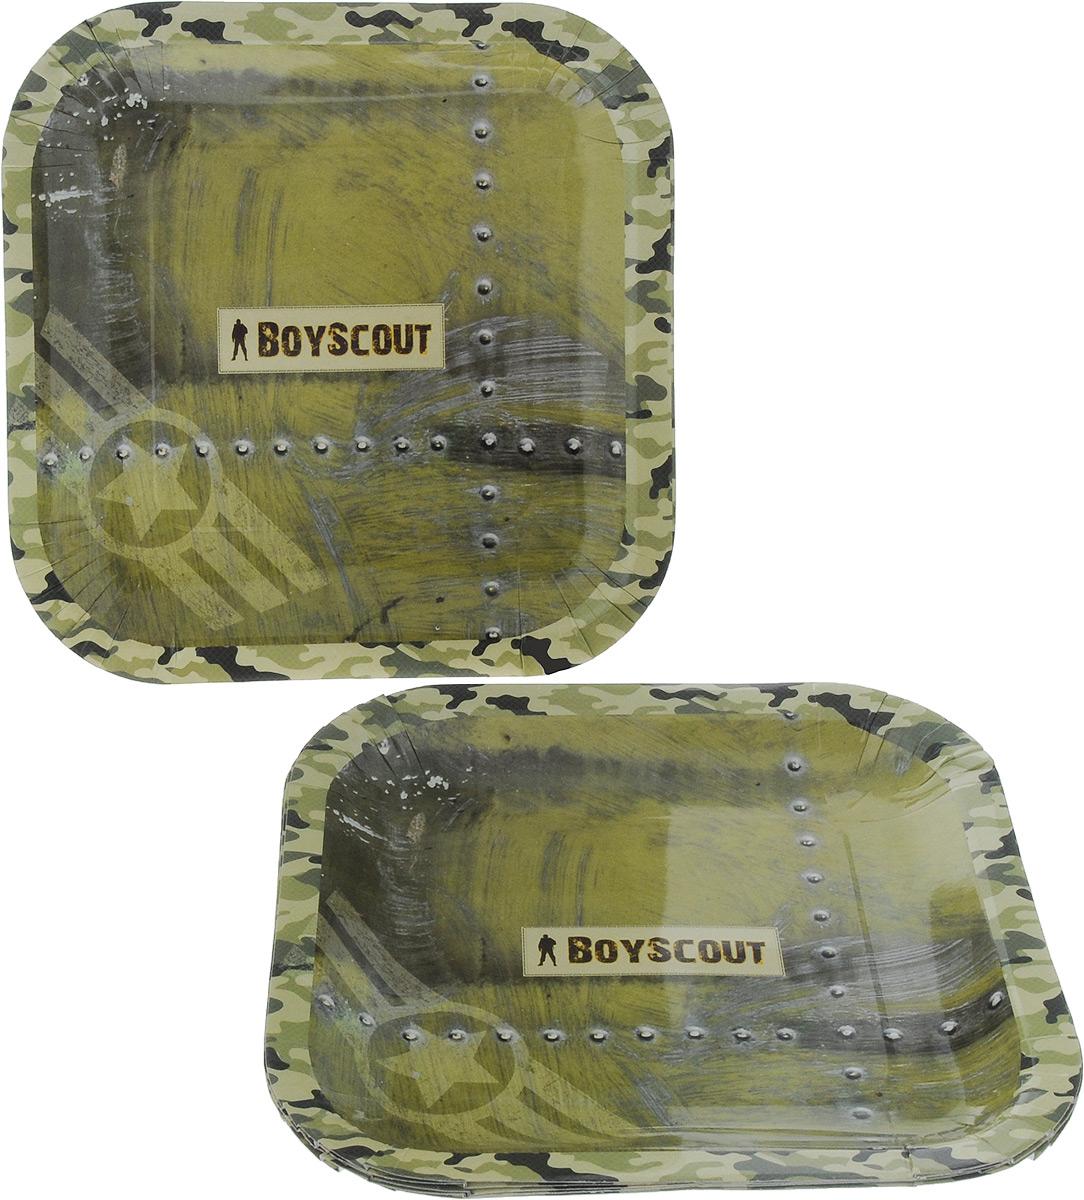 Набор одноразовых тарелок Boyscout, 23 х 23 см, 6 шт61701Набор Boyscout состоит из 6 квадратных тарелок с рисунком под камуфляж, выполненных из картона с защитным покрытием. Тарелки отлично подходят для холодных и горячих продуктов. Одноразовая посуда незаменима в поездках на природу и на пикниках. Она не займет много места, легка и самое главное - после использования ее не надо мыть.